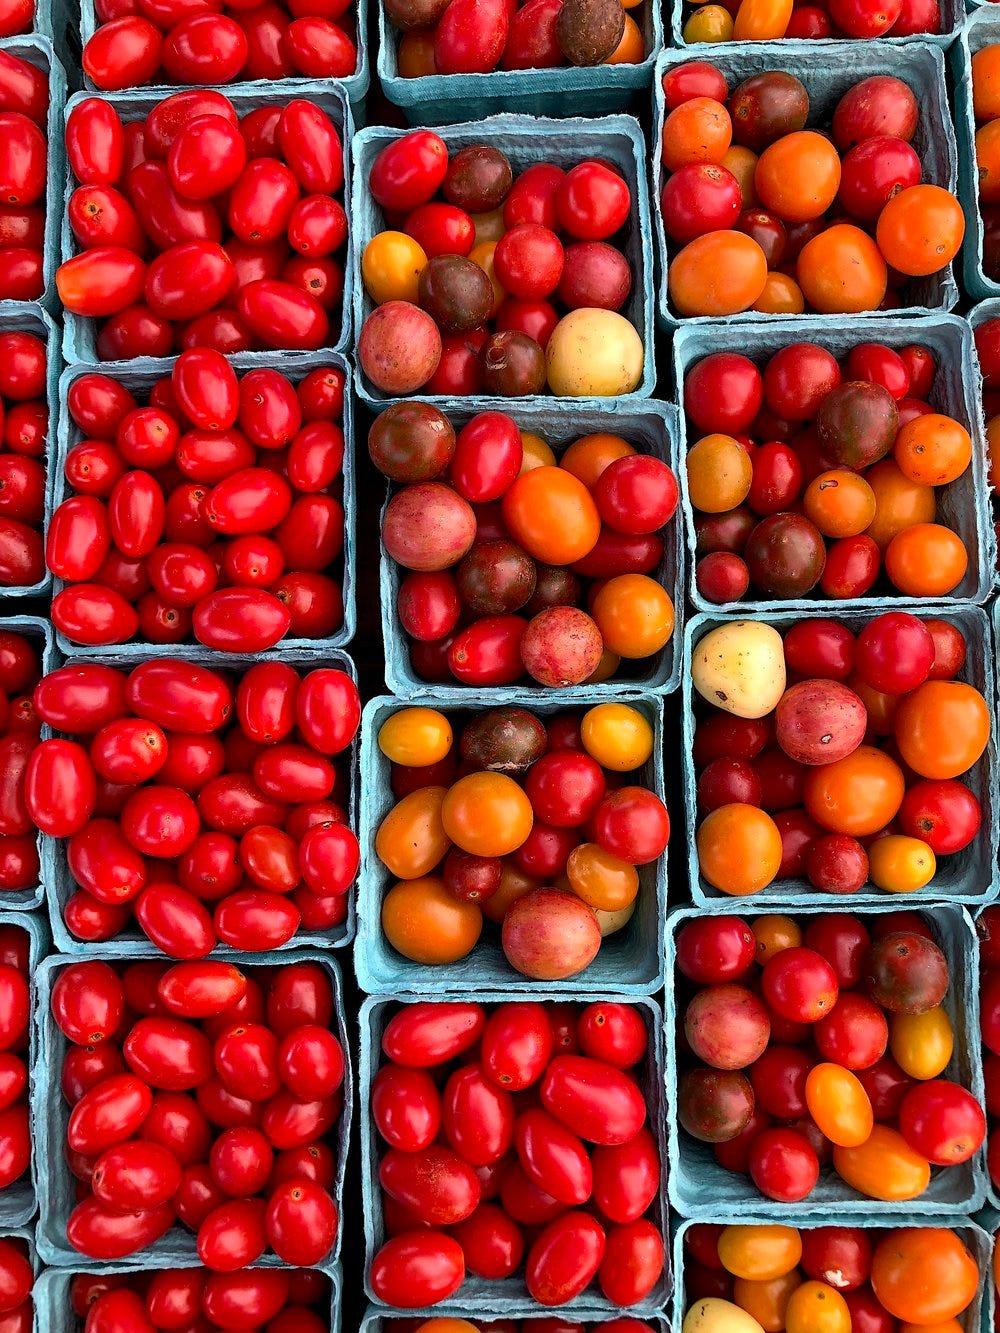 Tomatoes (Cherry).jpg